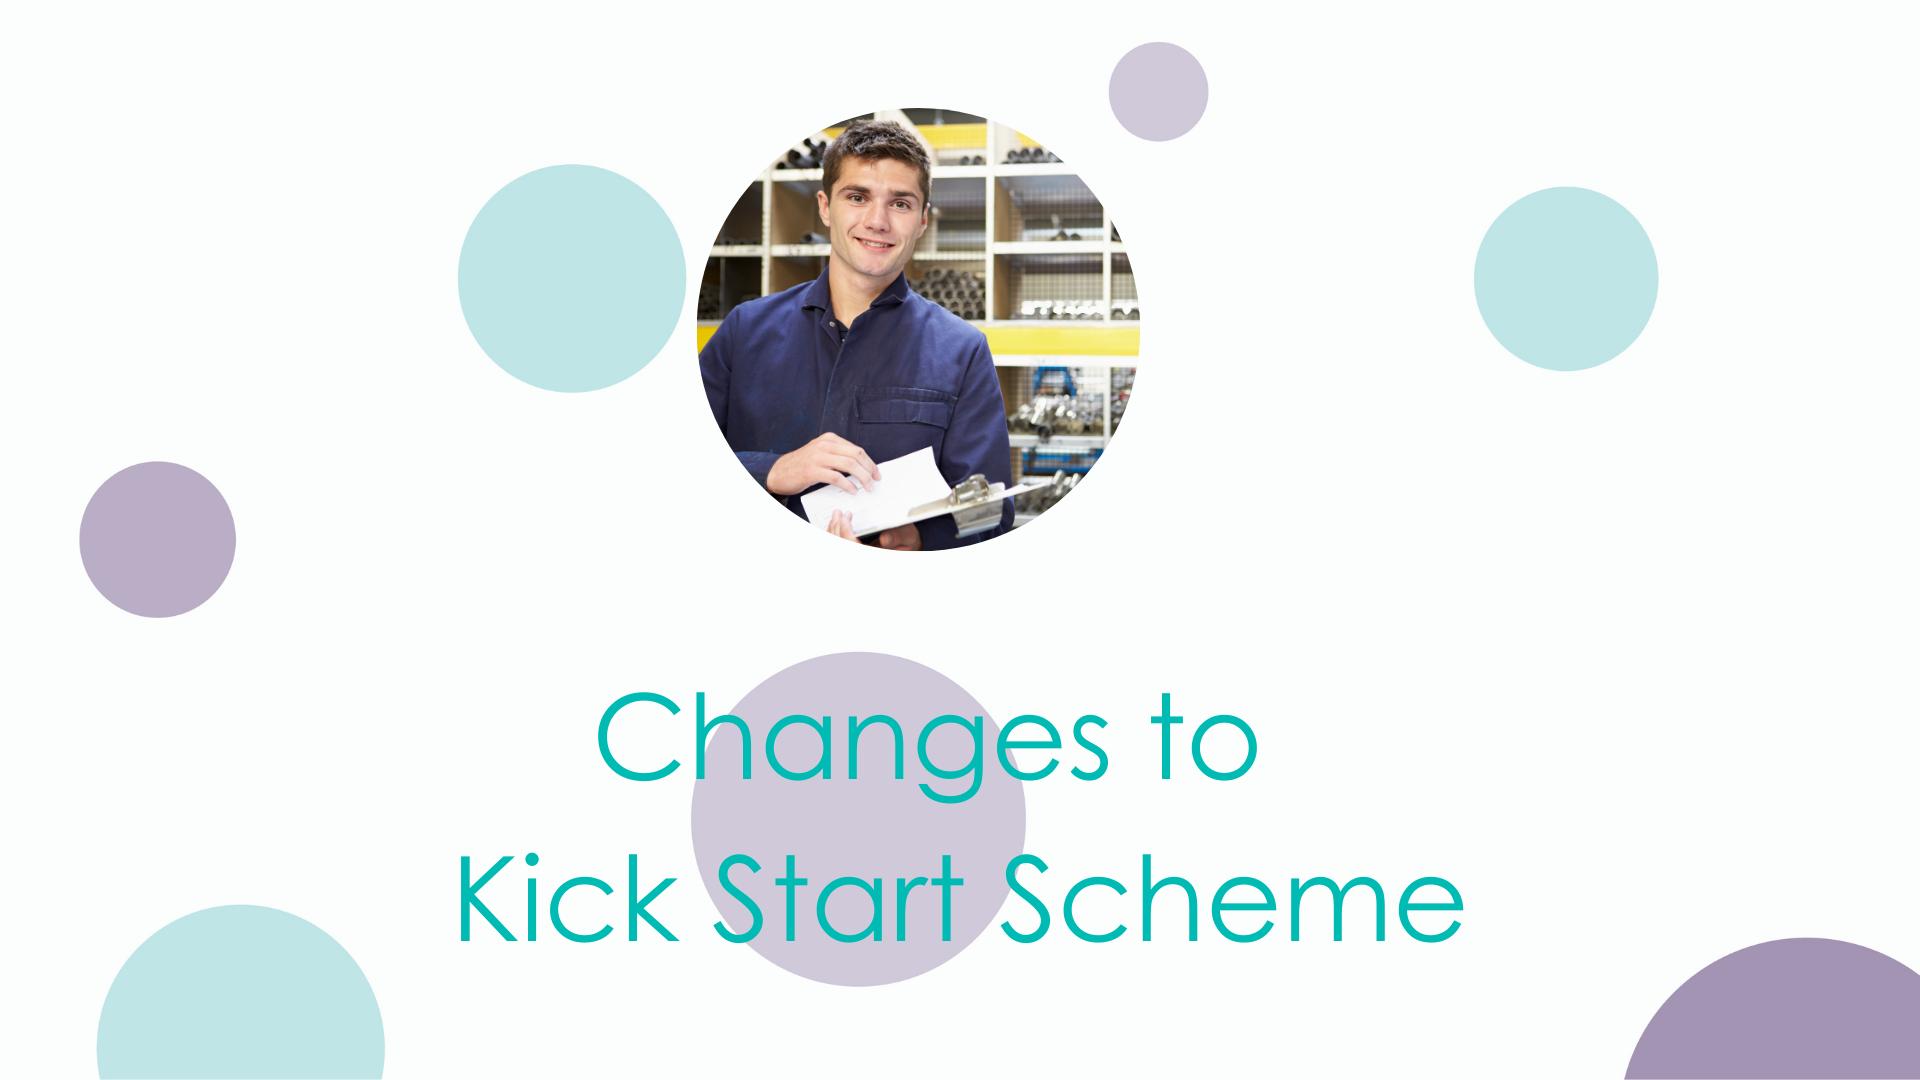 Changes to the Kickstart Scheme grant.